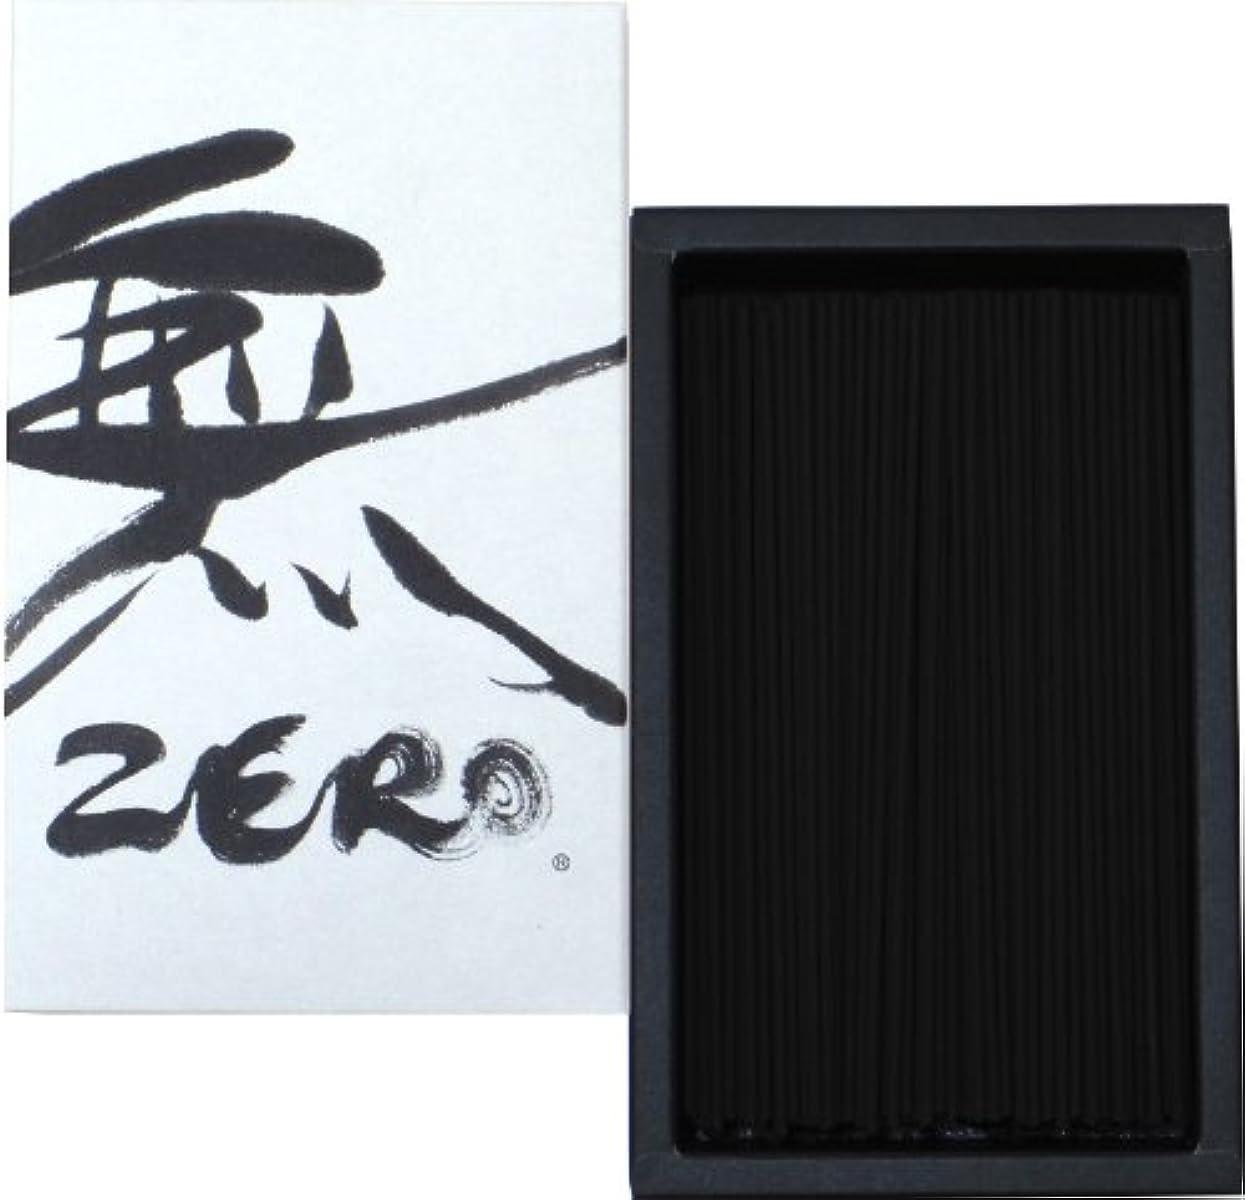 無一文誠意発表する丸叶むらたのお線香 無 ZERO(ゼロ)大バラ 約160g #ZR-01